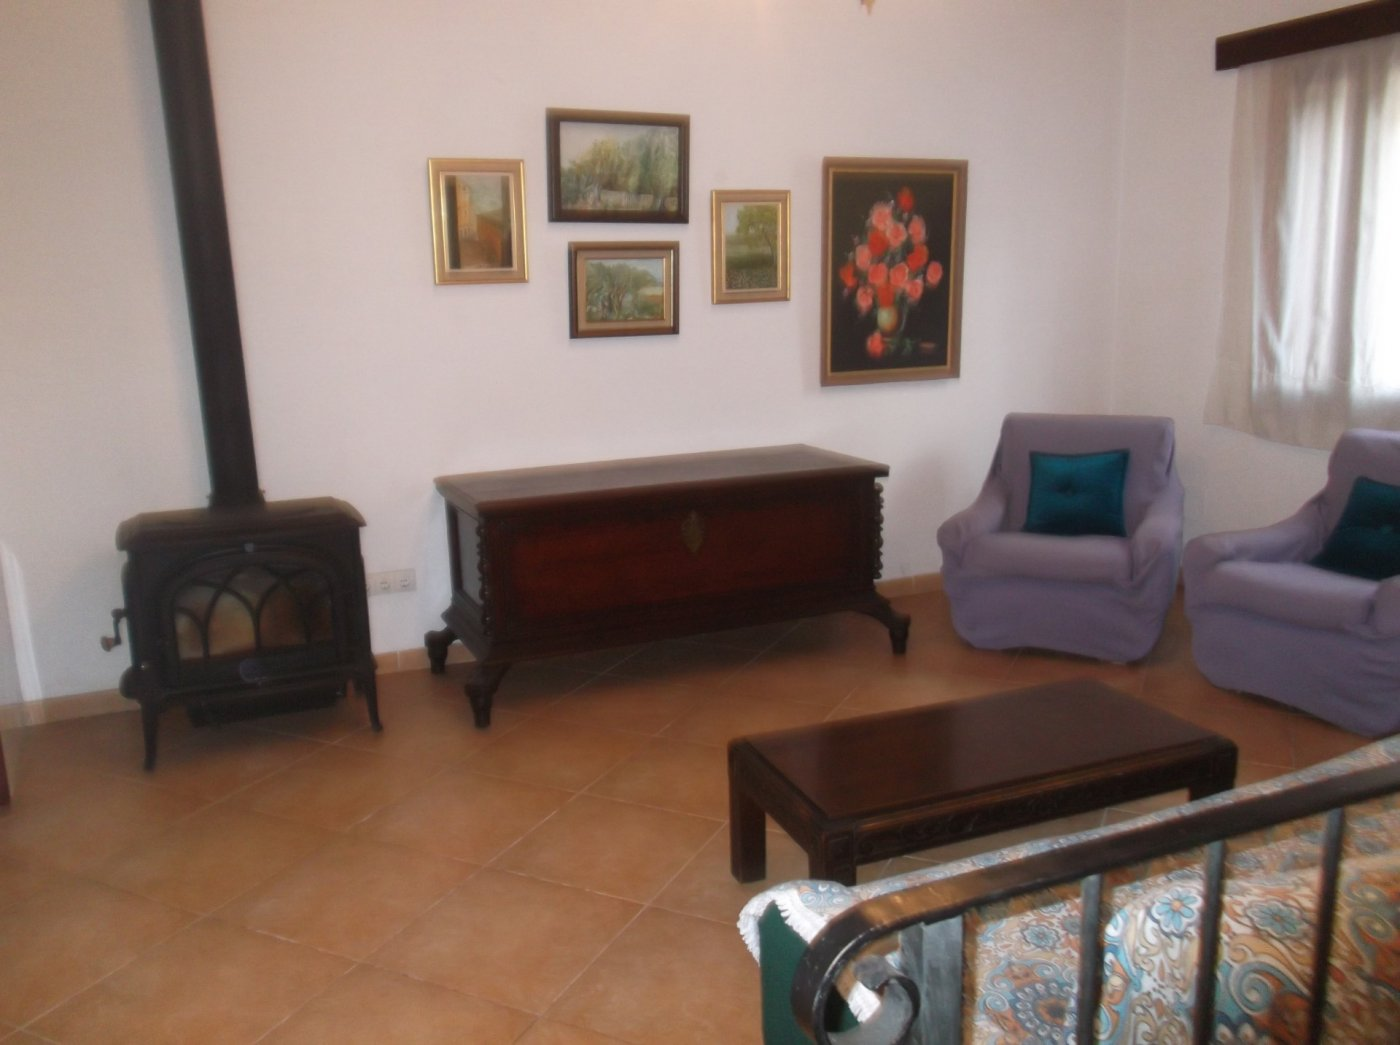 En venta casa de pueblo reformada 3 alturas estilo mallorquin centro llucmajor - imagenInmueble15